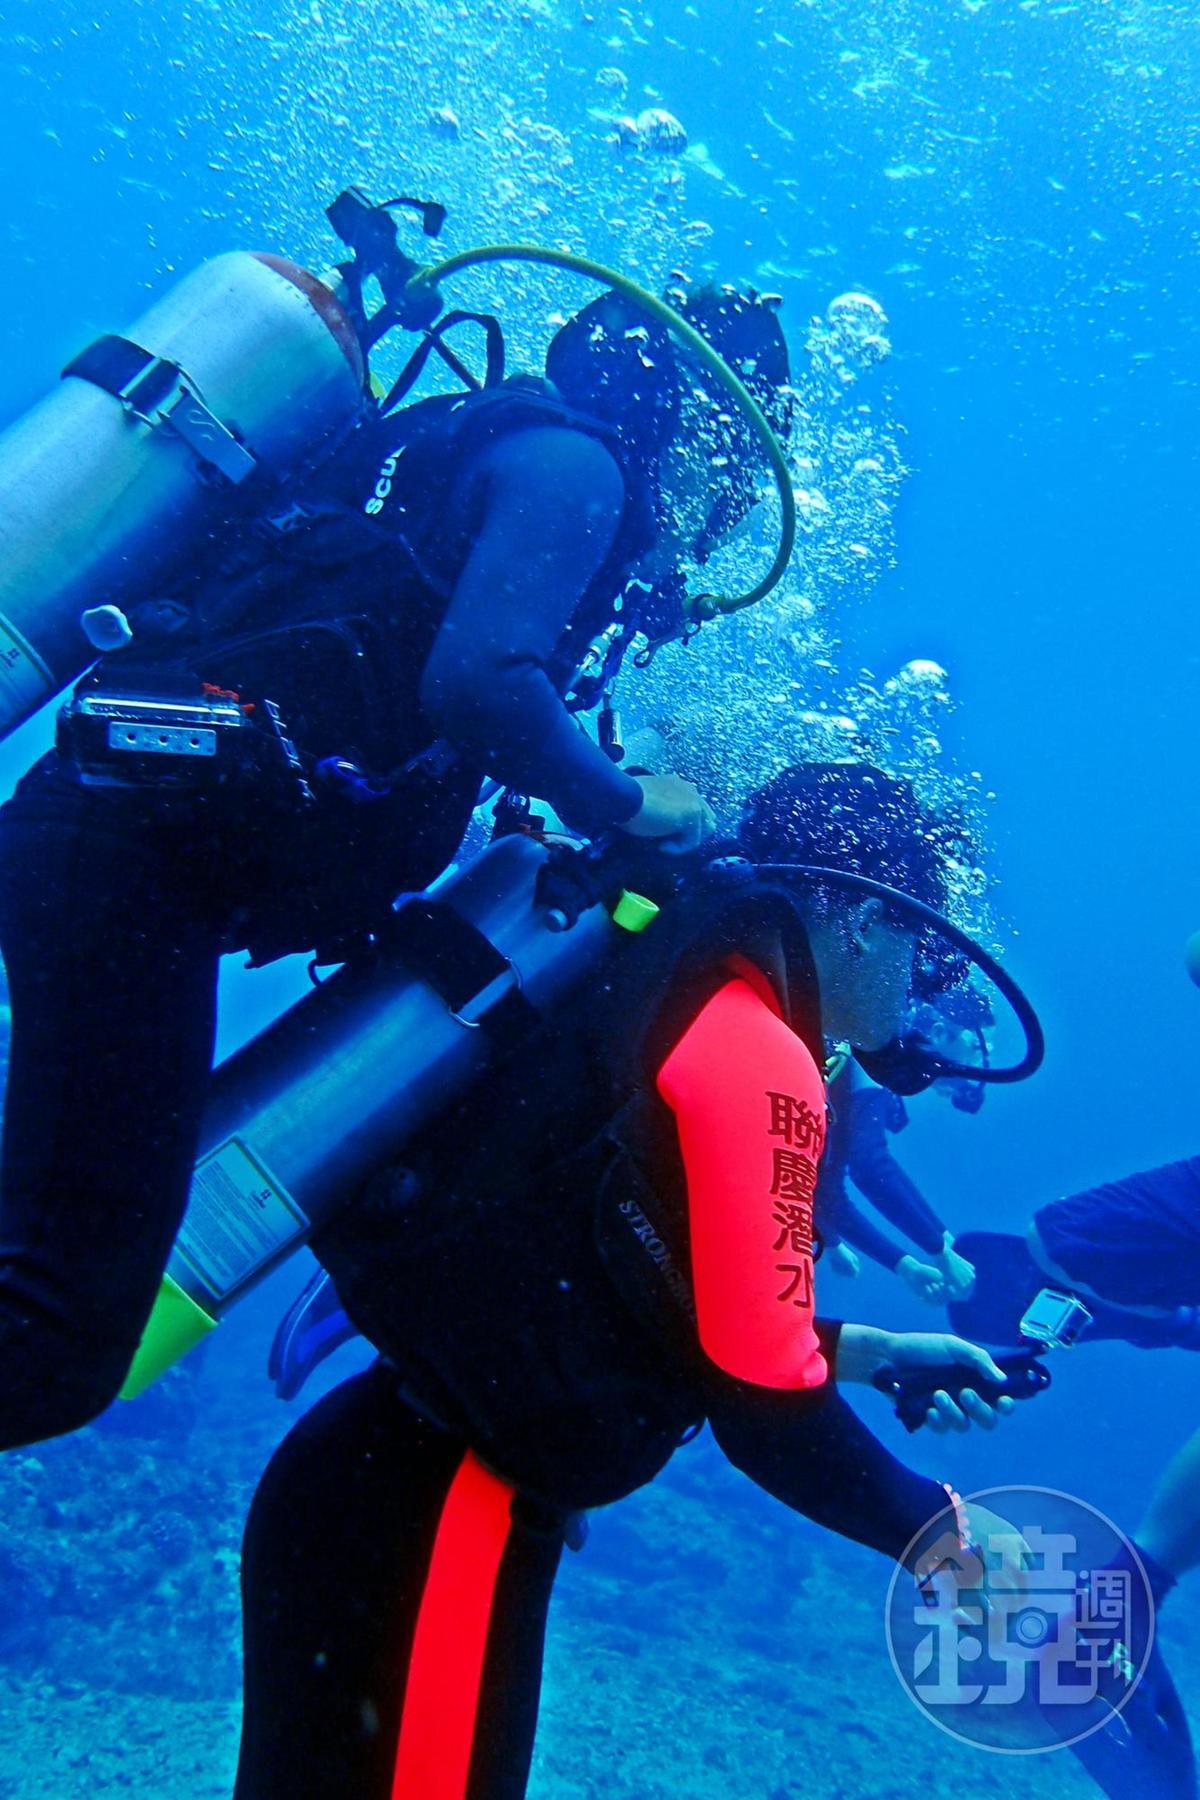 不會潛水的人,可以參加體驗潛水行程,由教練帶著你游。